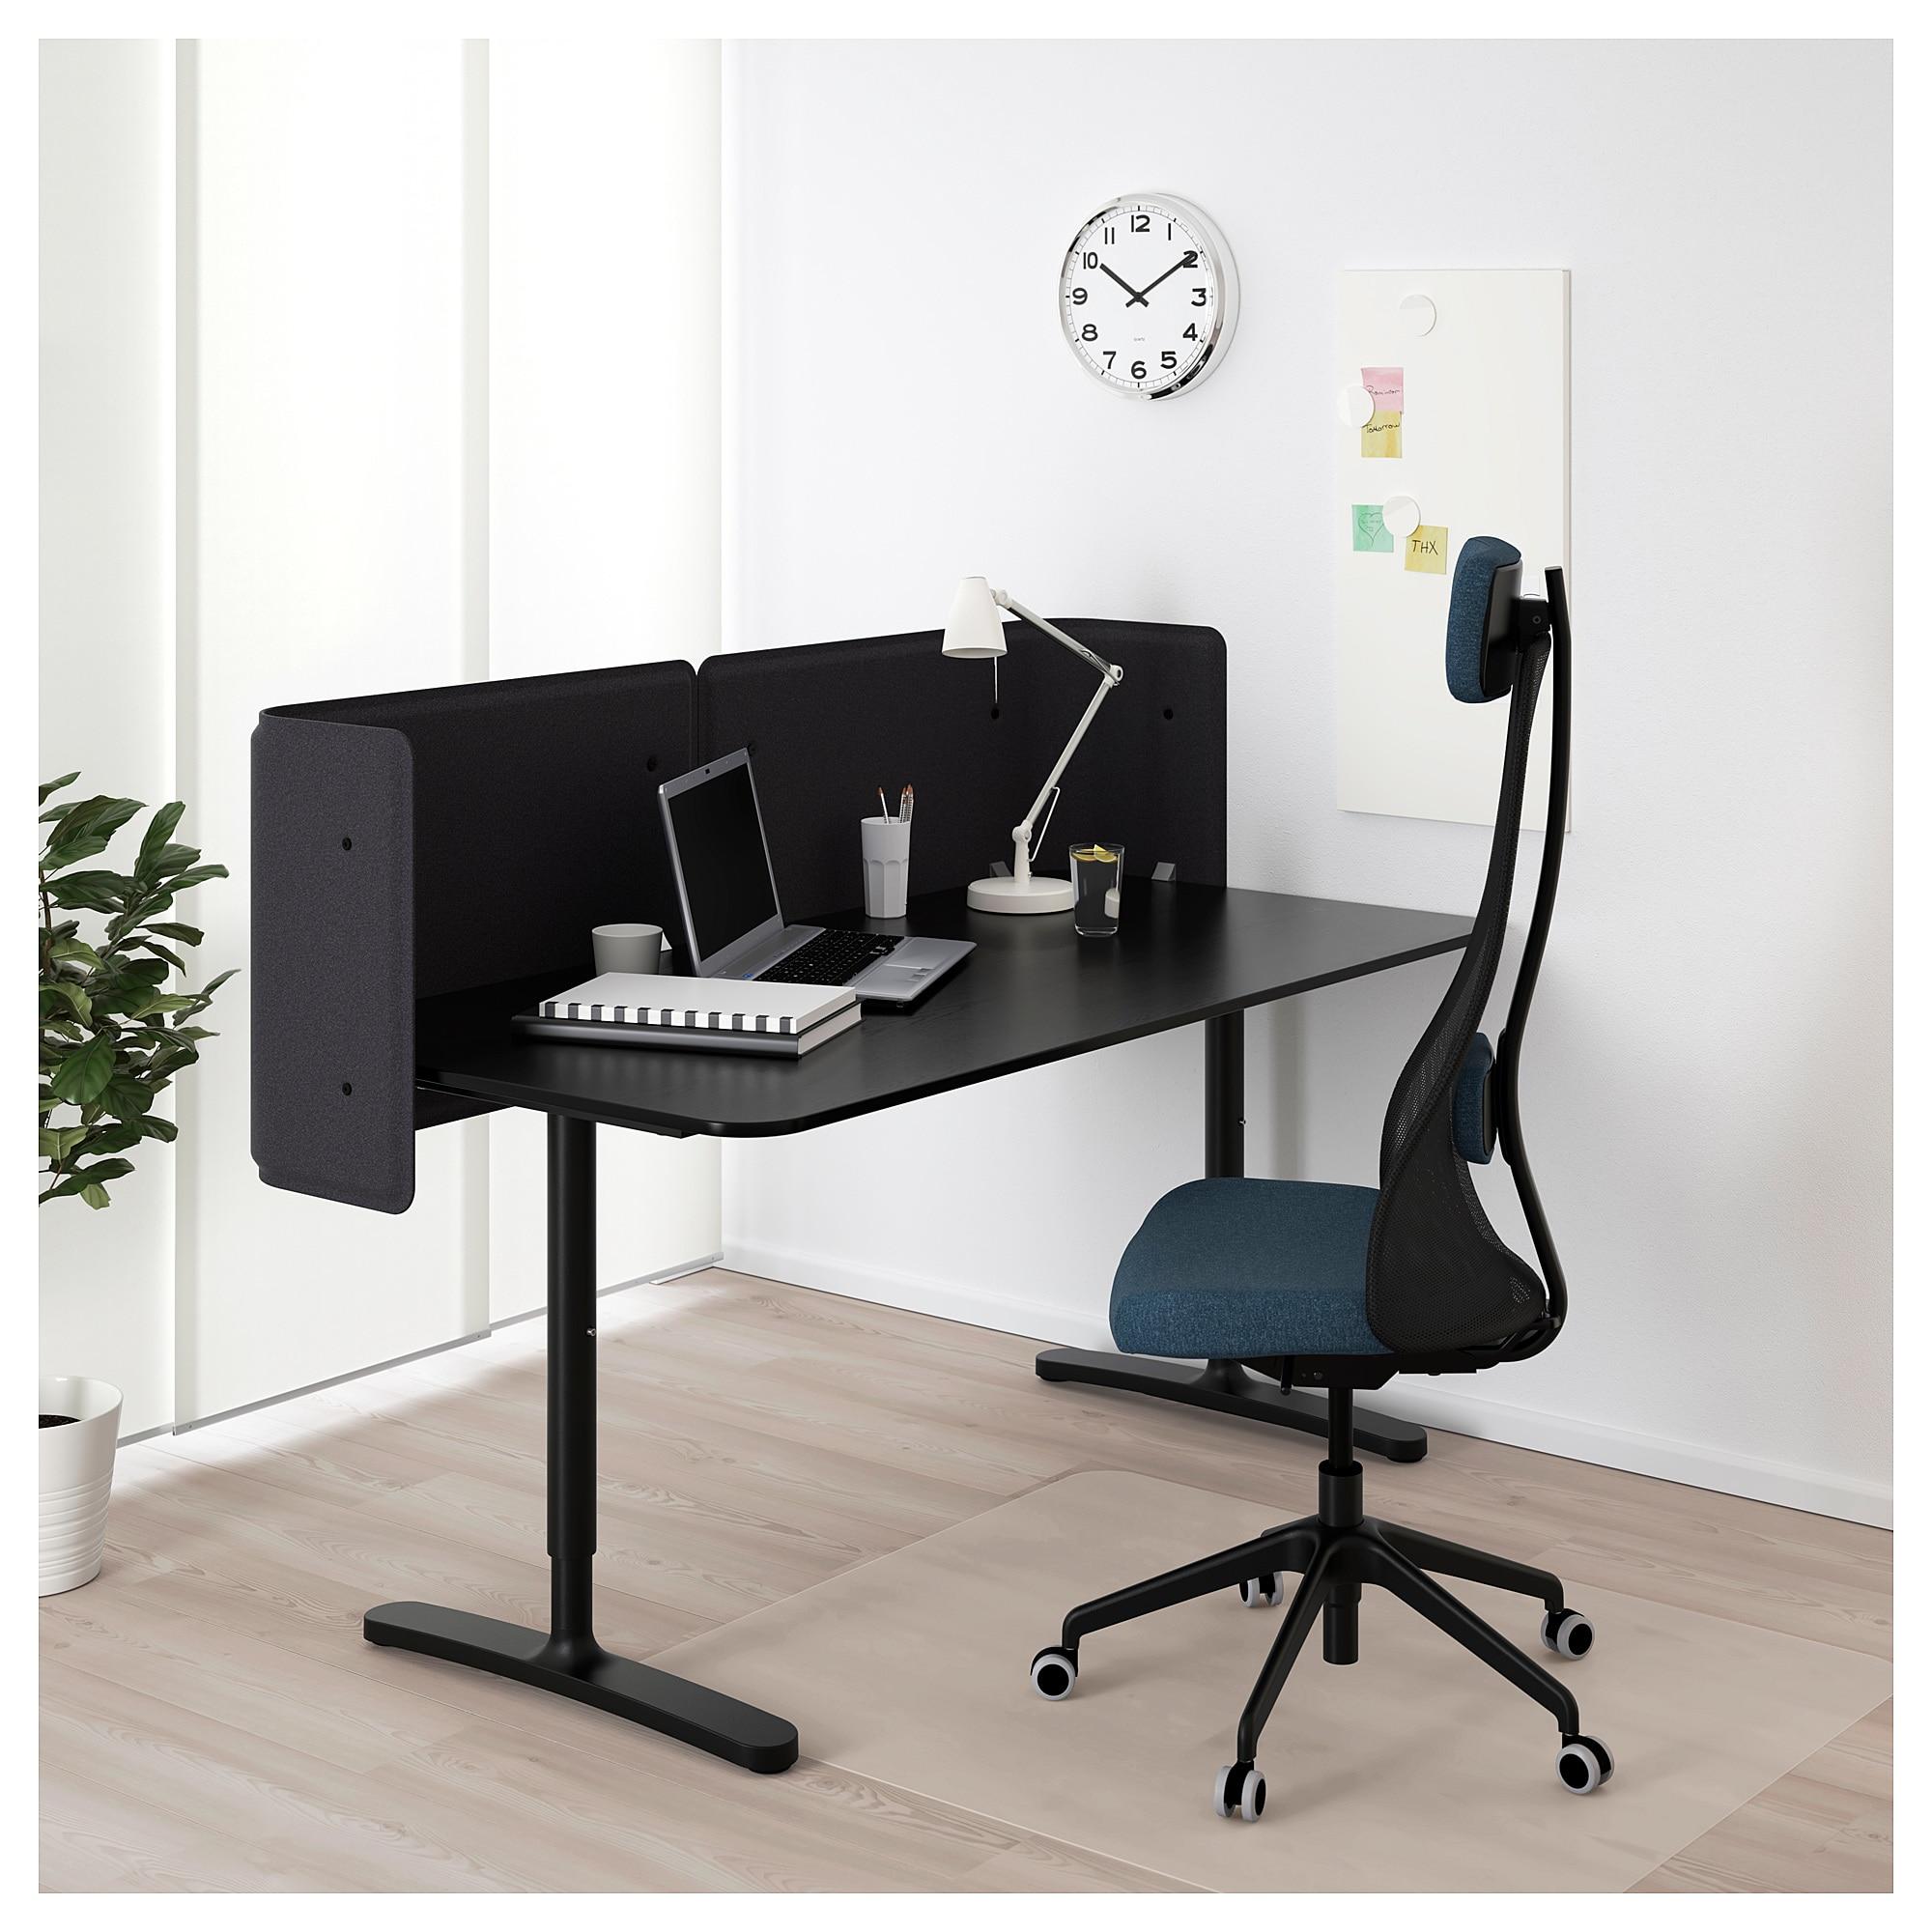 Bekant Empfangstheke Schwarz Gebeiztes Eschenfurnier Ecktisch Schreibtisch Und Ikea Ecktisch